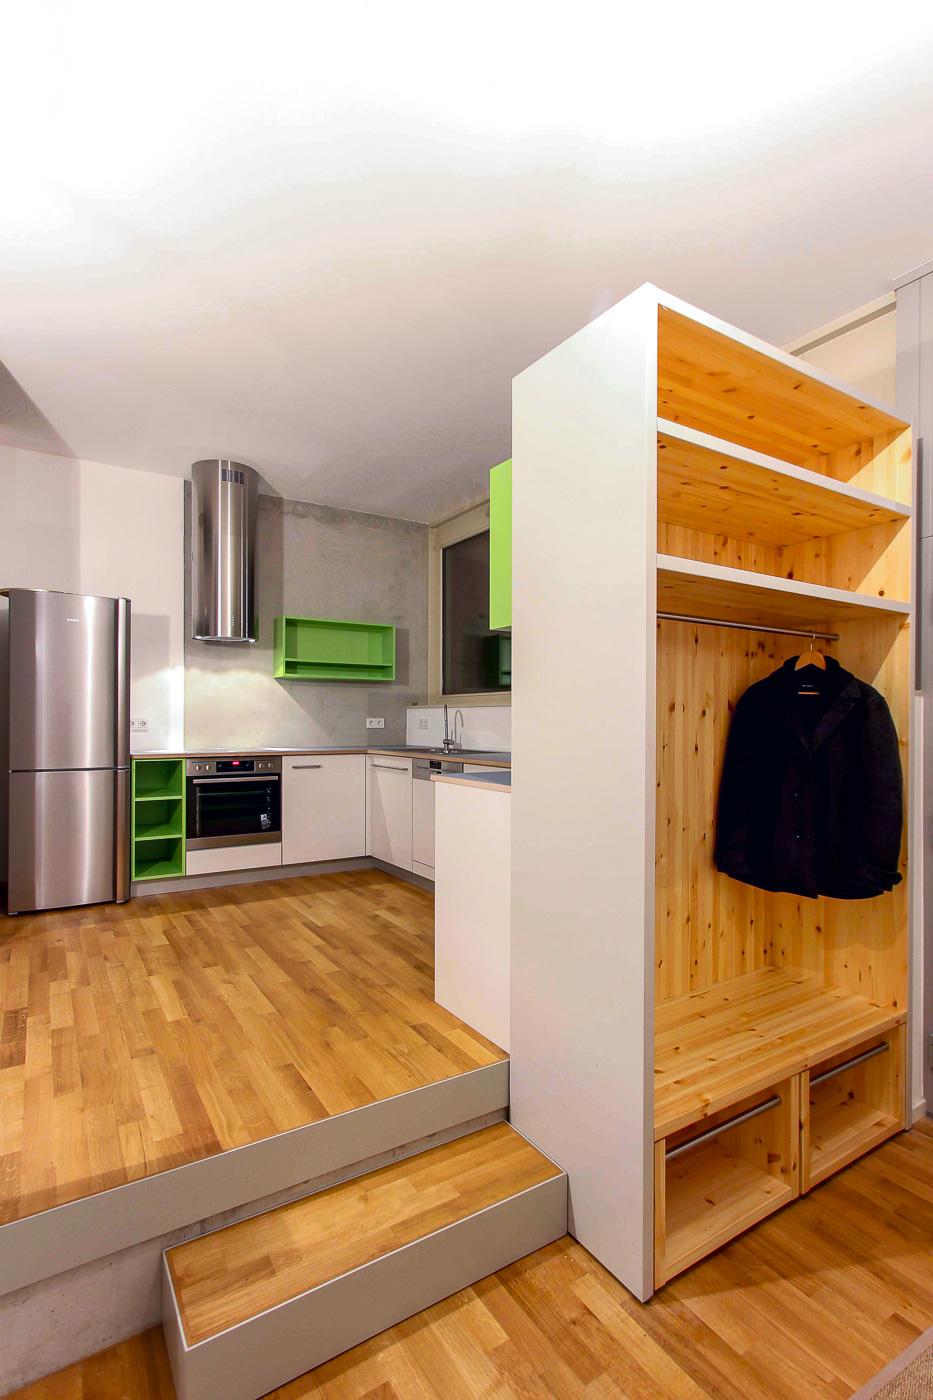 Küche und Garderobe | jan martin nürnberg